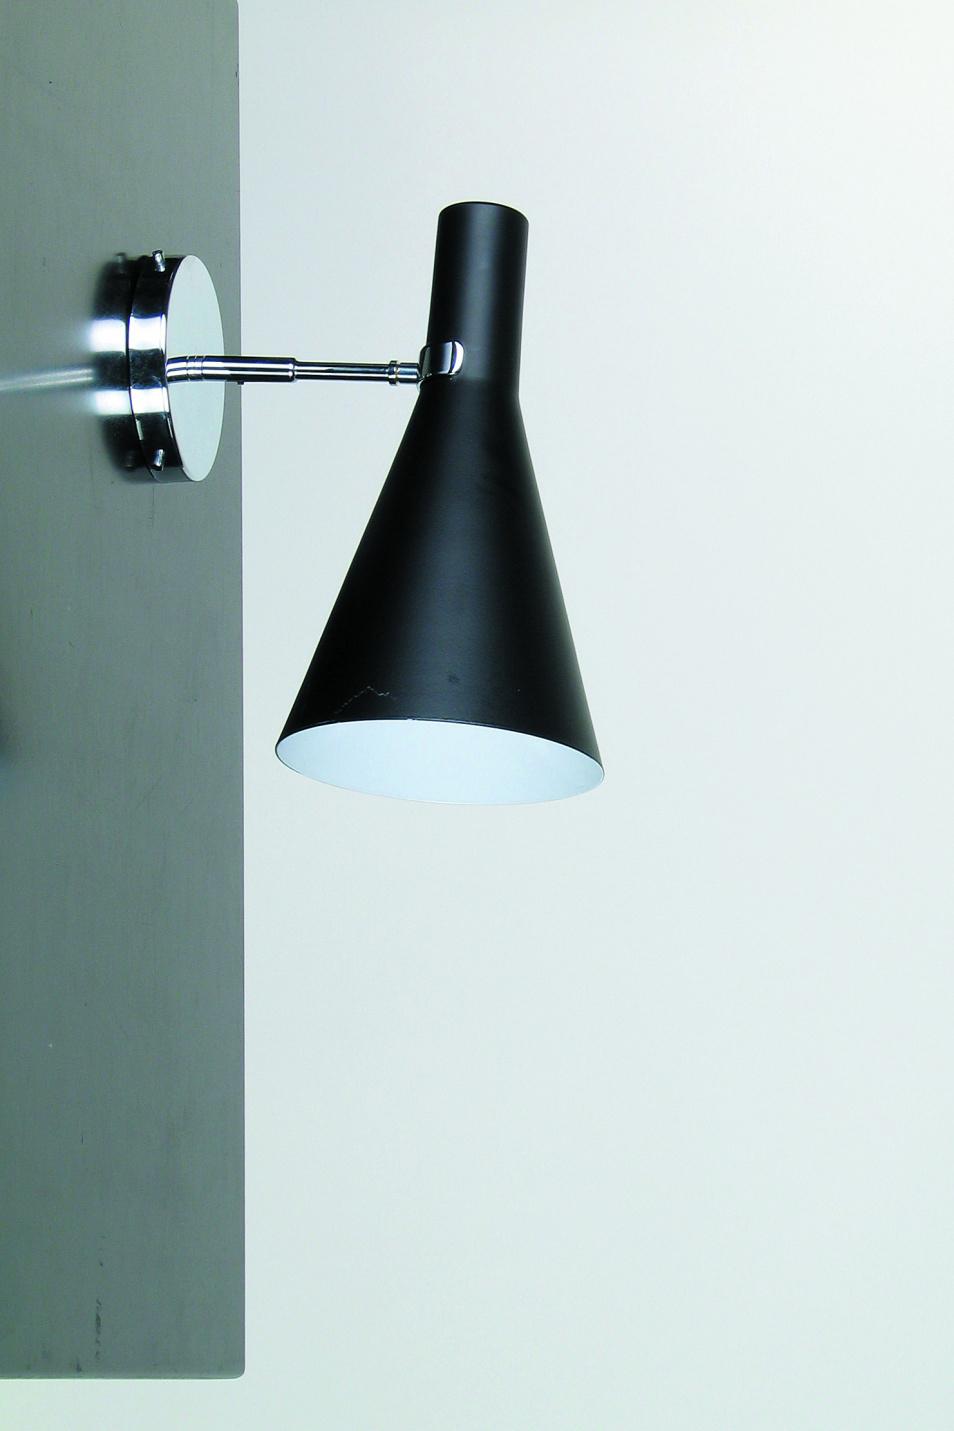 Applique noire en métal forme conique, intérieur blanc. Contract&More.